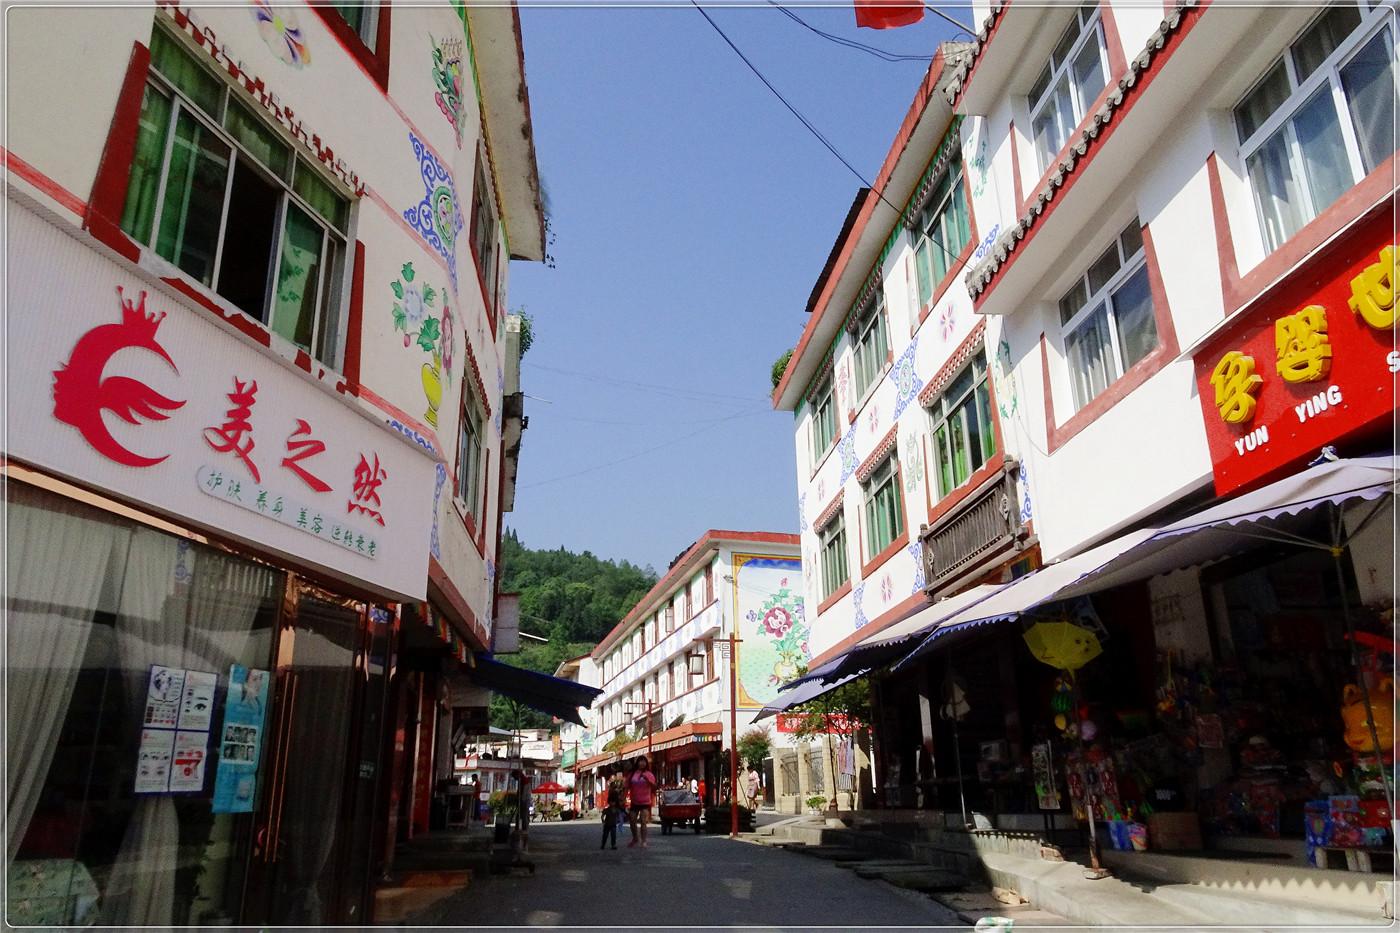 【川西生态区】汶川三江镇水街